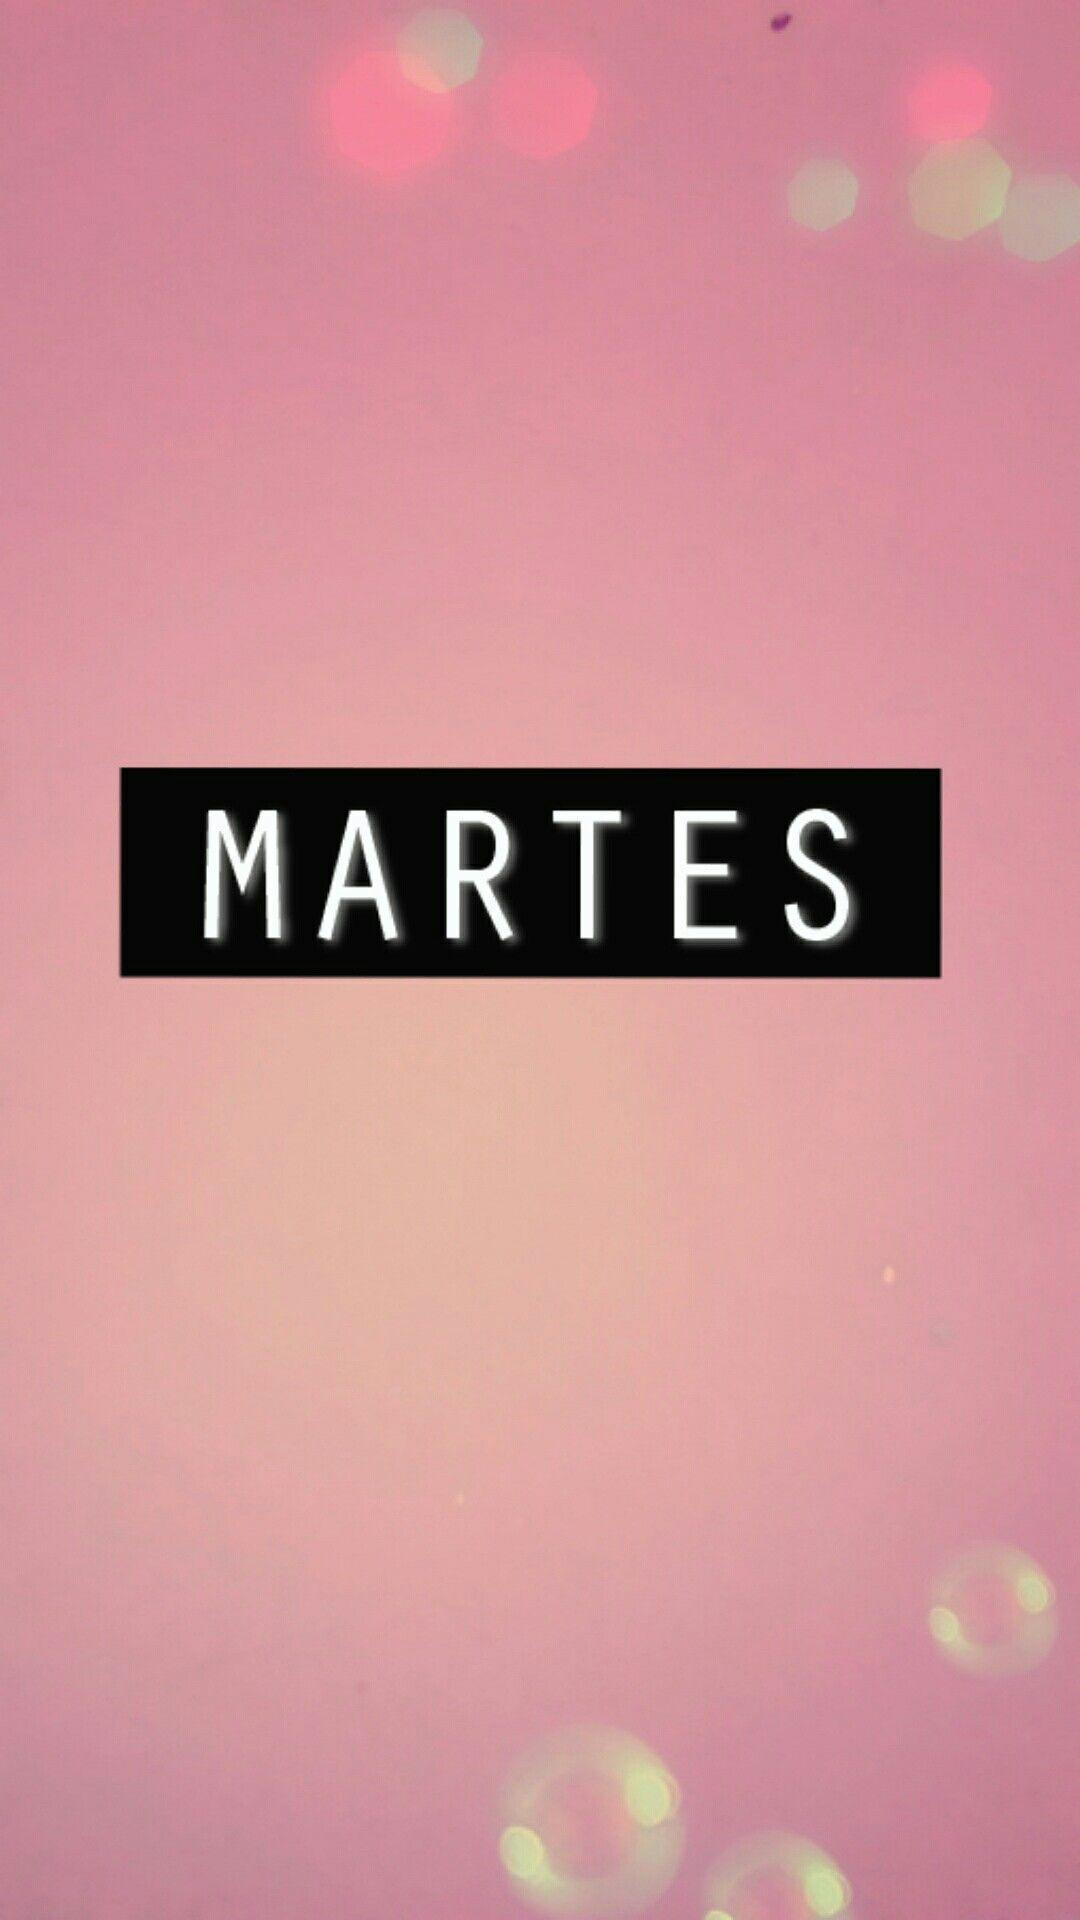 Imagen Tumbrl color rosada día martes